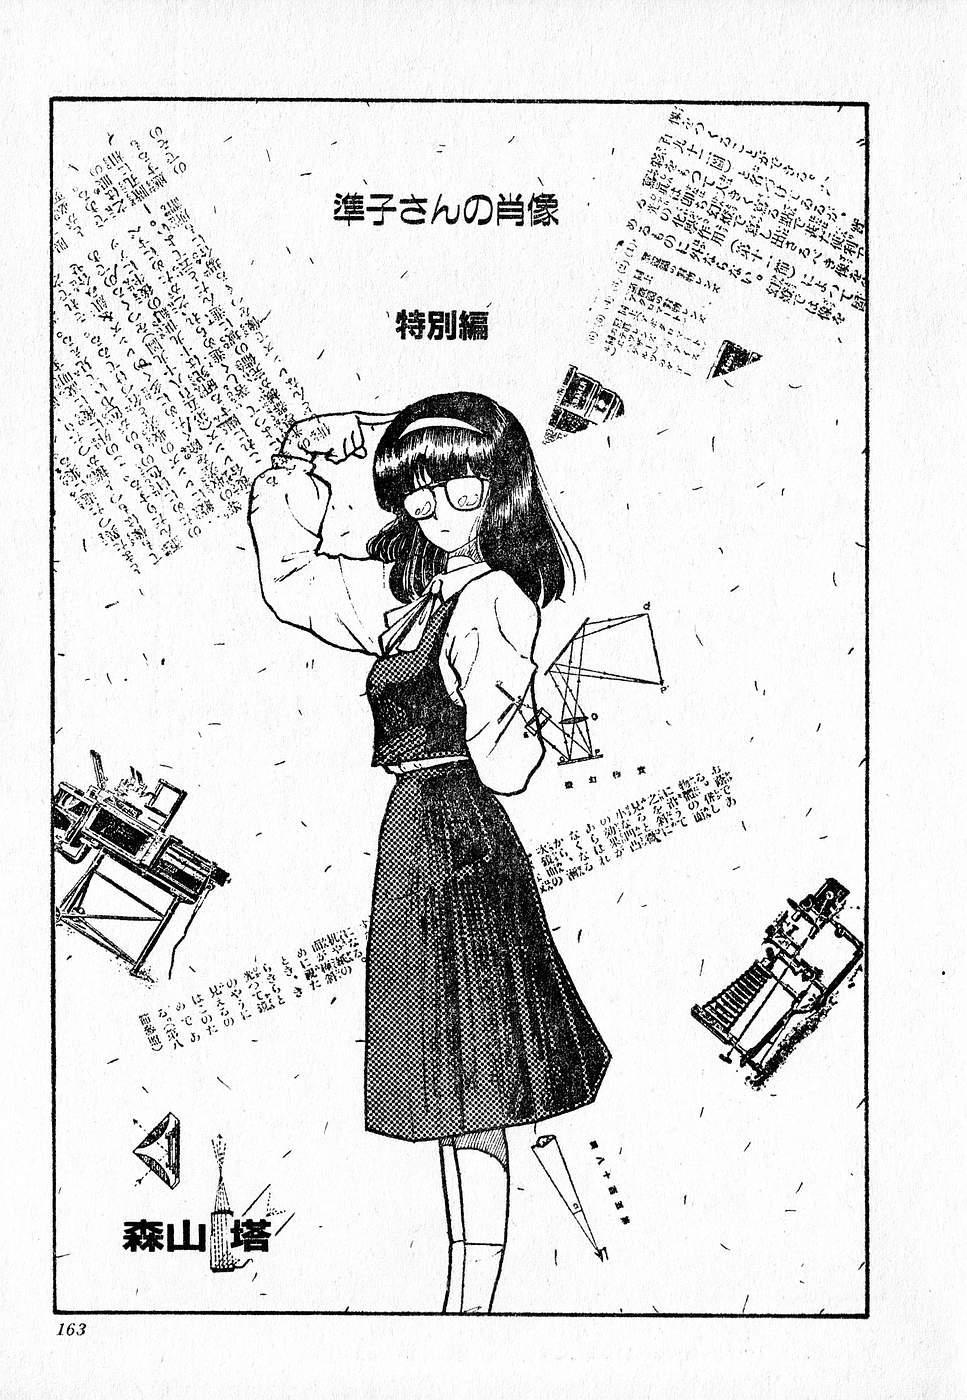 COMIC Lolipop 1985-10 Soukanjunbigou Aki 162